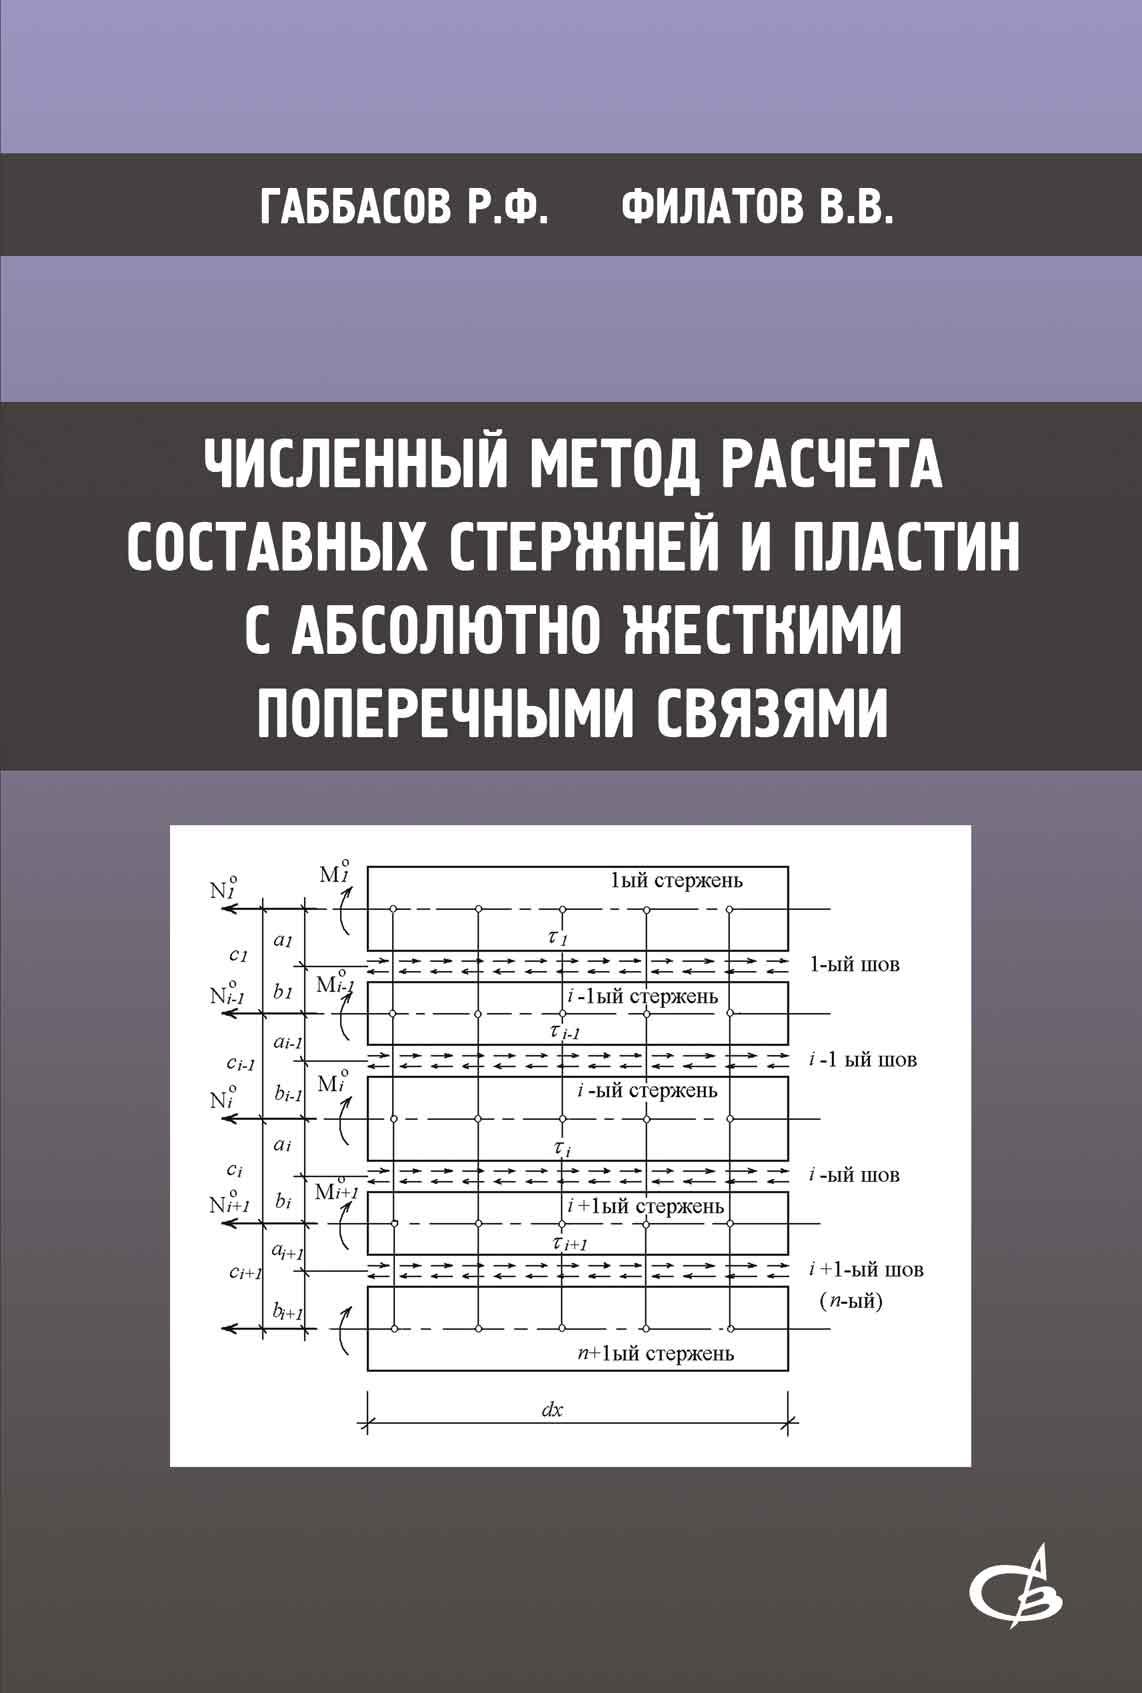 Р. Ф. Габбасов Численный метод расчета составных стержней и пластин с абсолютно жесткими поперечными связями